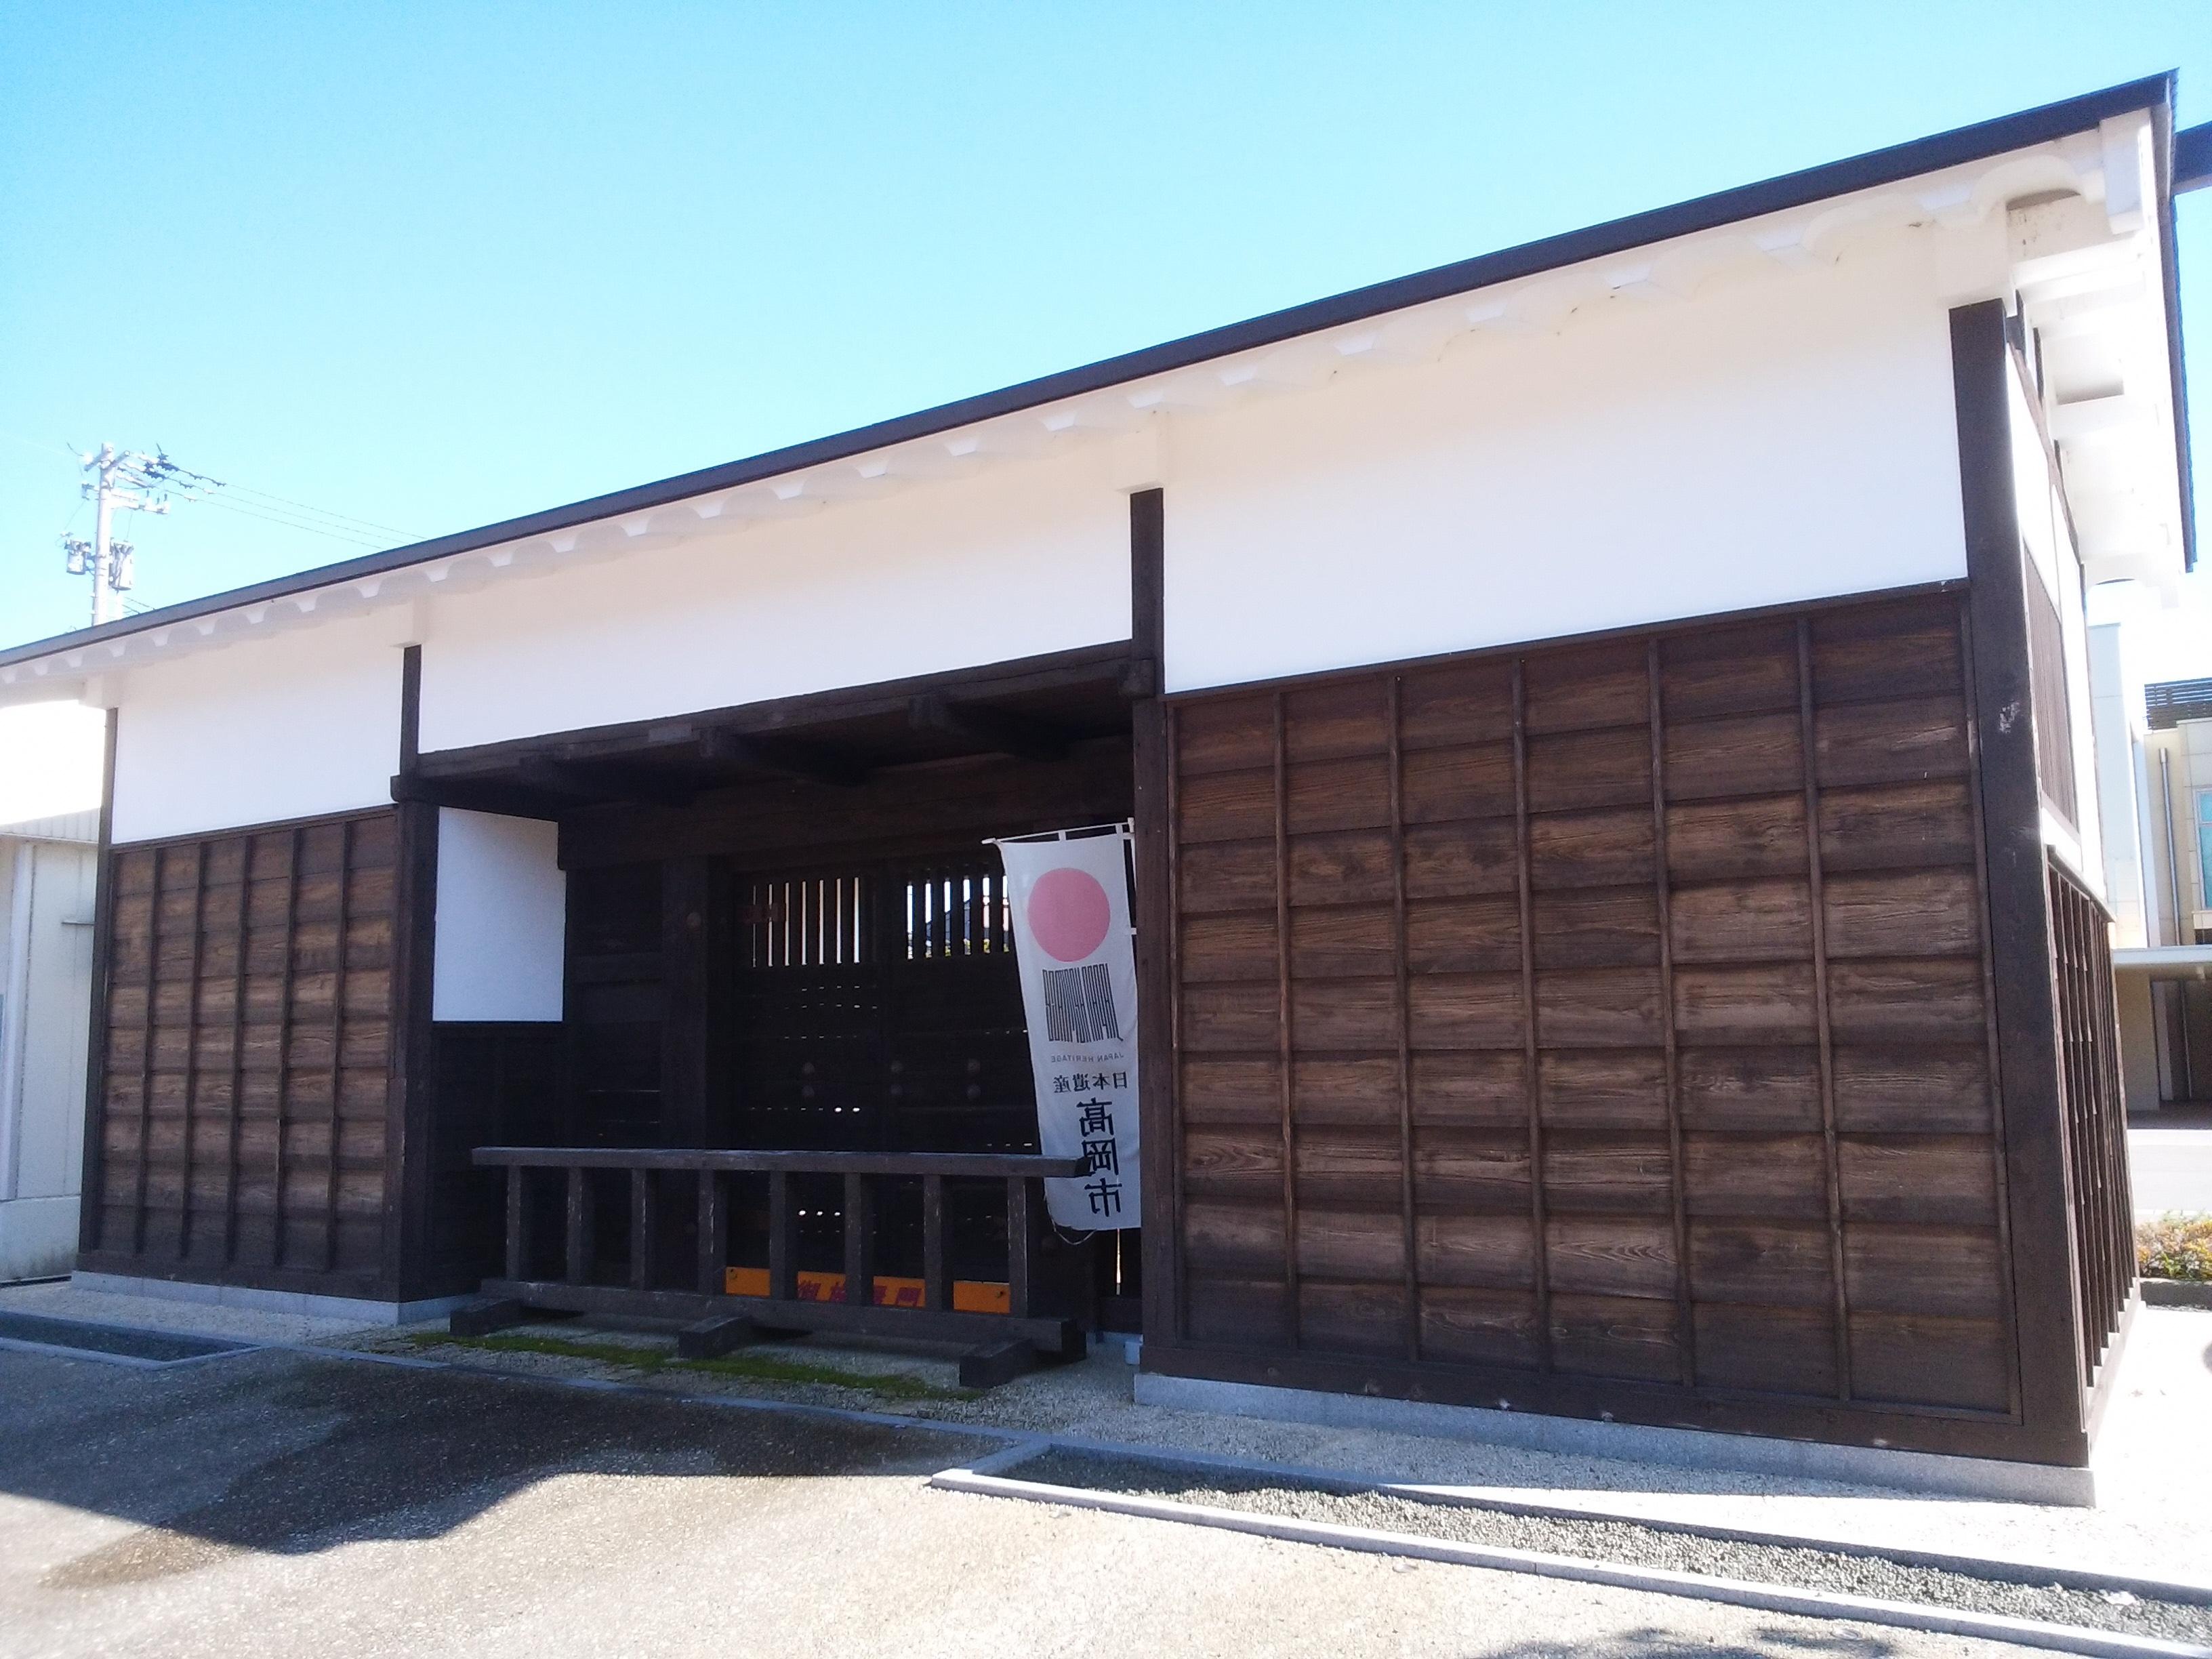 戸出御旅屋の門 | 高岡市観光ポータルサイト「たかおか道しるべ」